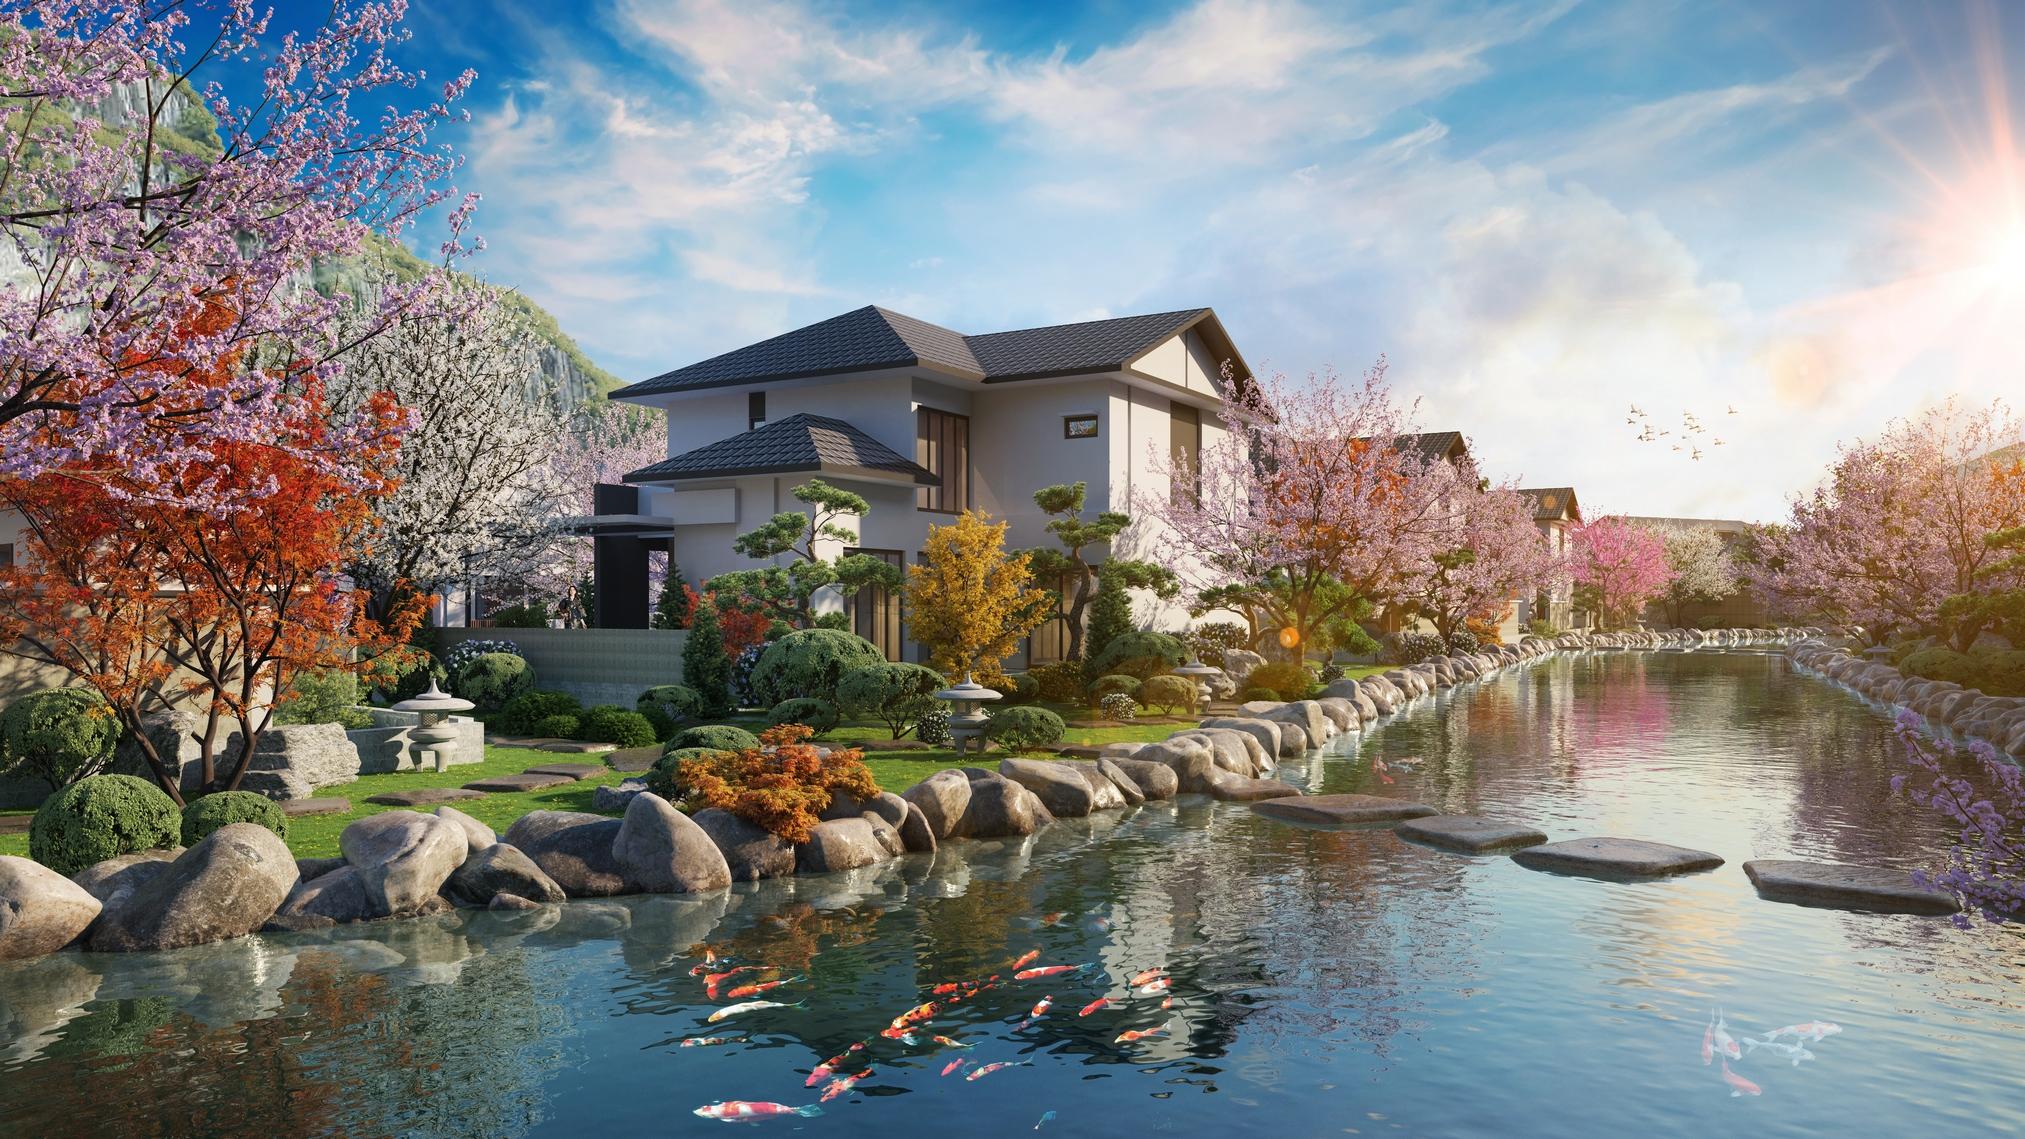 Yoko Villas là dòng bất động sản nghỉ dưỡng hạng sang kết hợp chăm sóc sức khỏe. Ảnh: Sun Group.